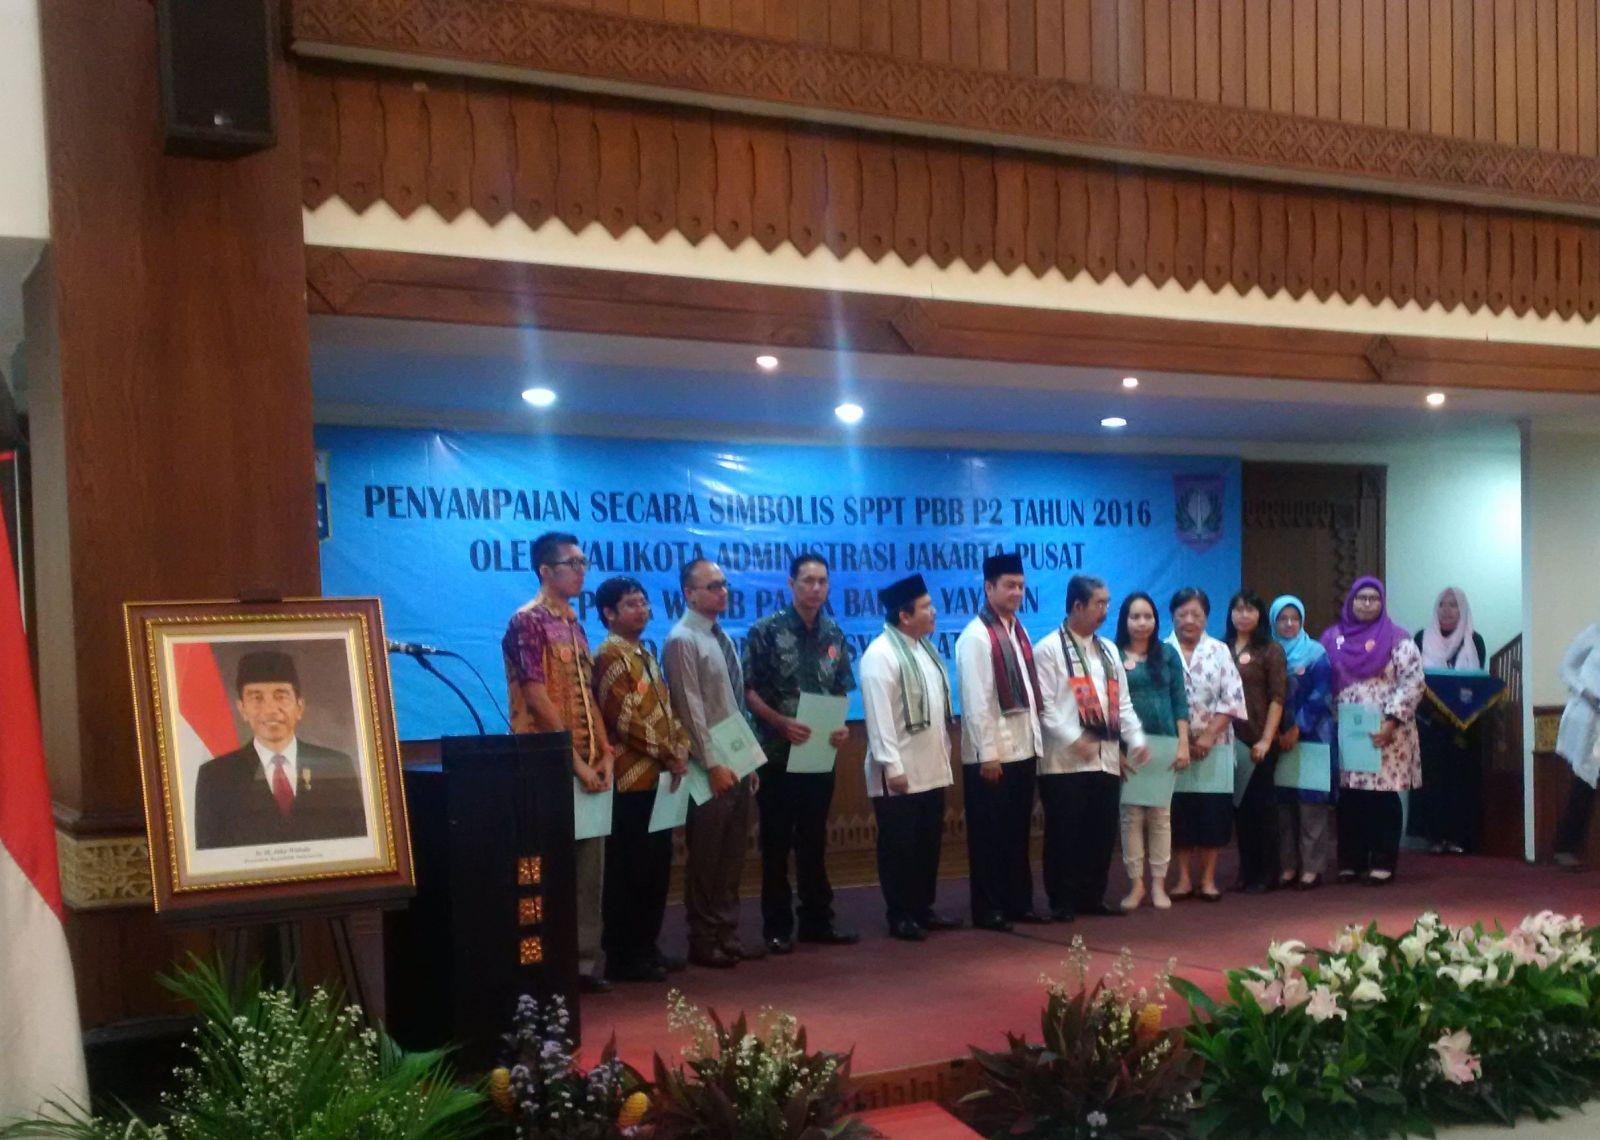 Penyampaian Simbolis SPPT PBB di Jakarta Pusat